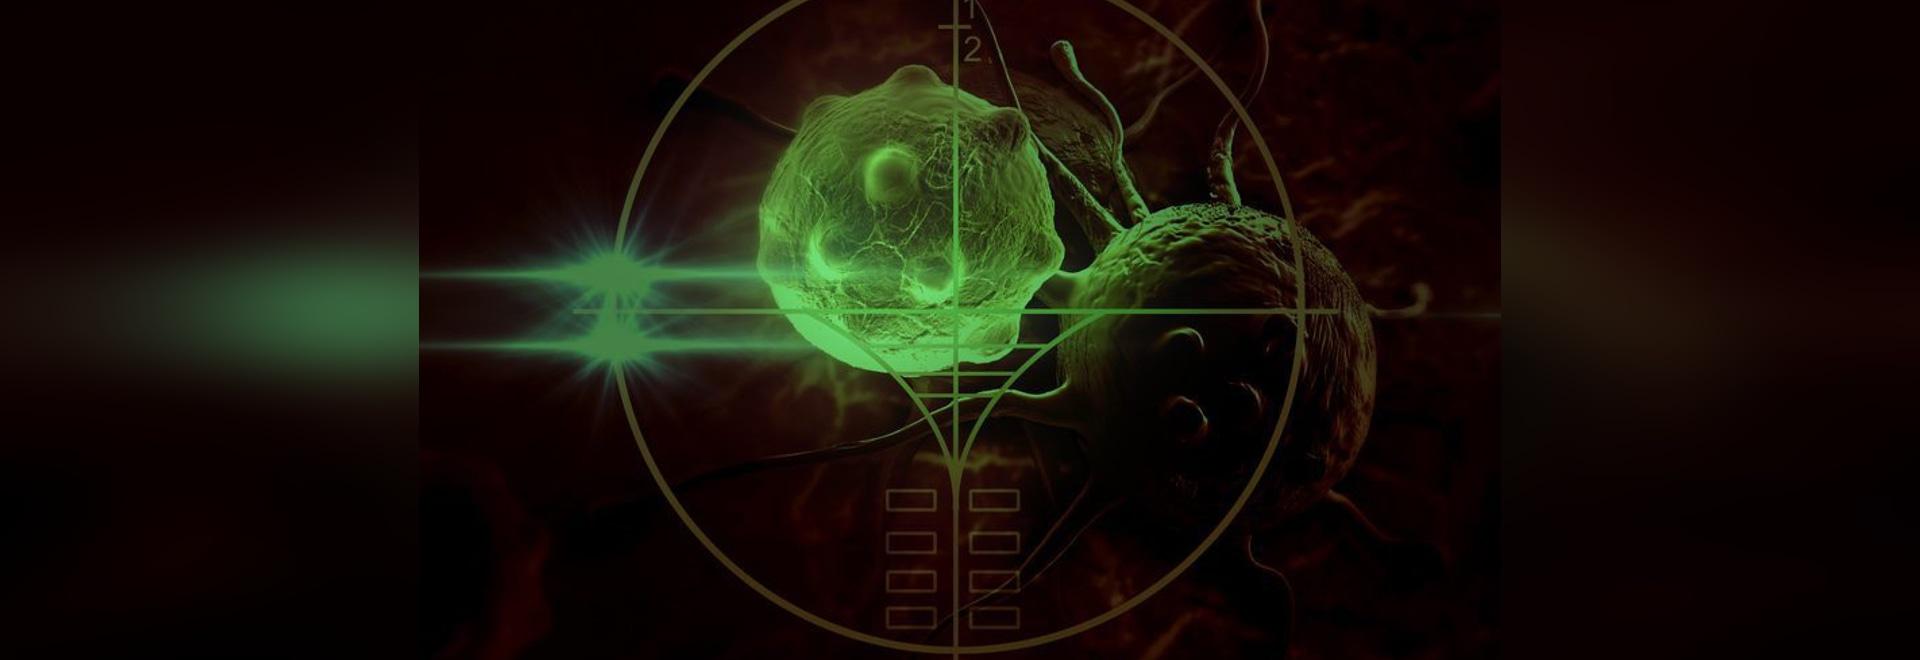 Un ingénieur en dispositifs médicaux développe un biomatériau pour traiter les anévrismes